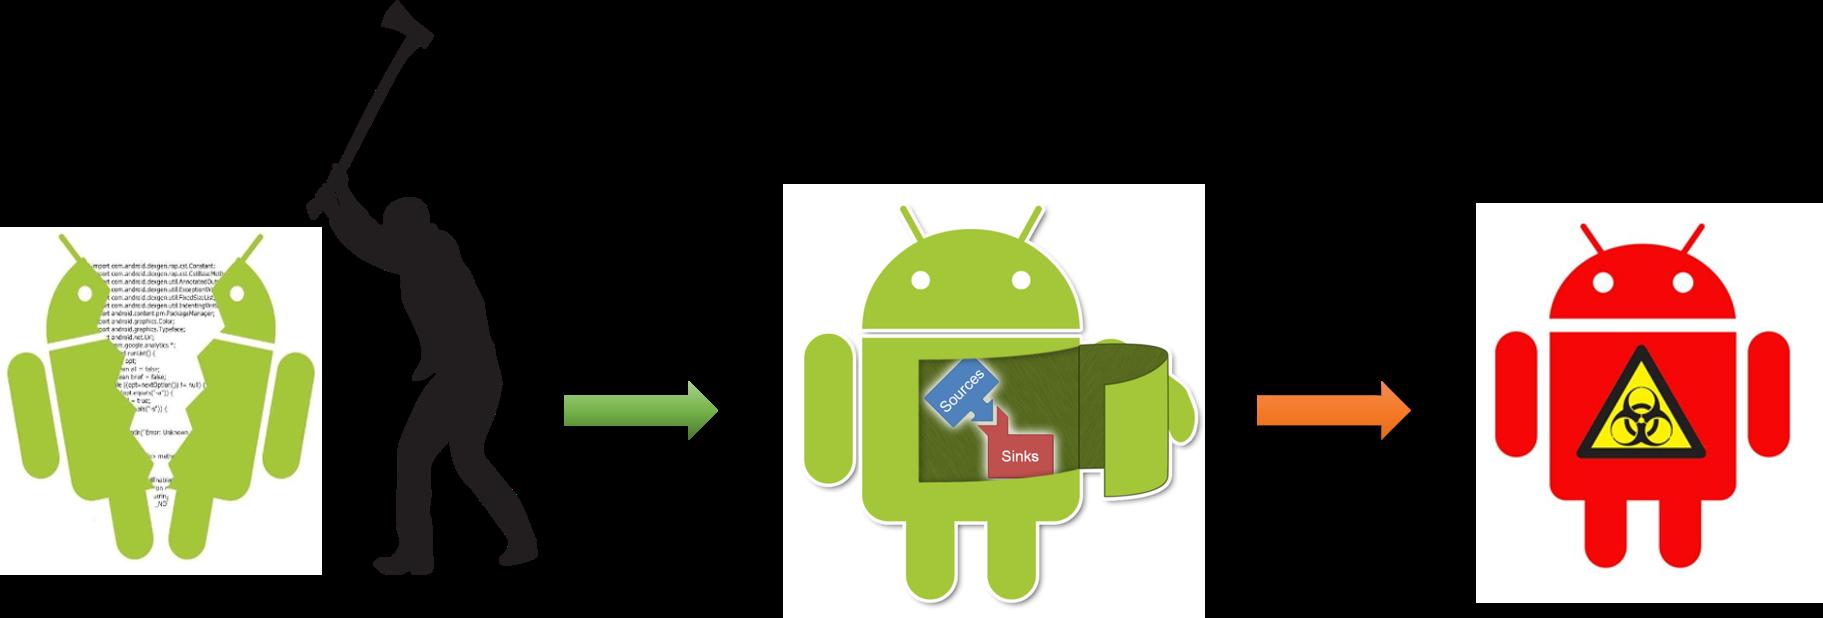 Отключение проверок состояния среды исполнения в Android-приложении